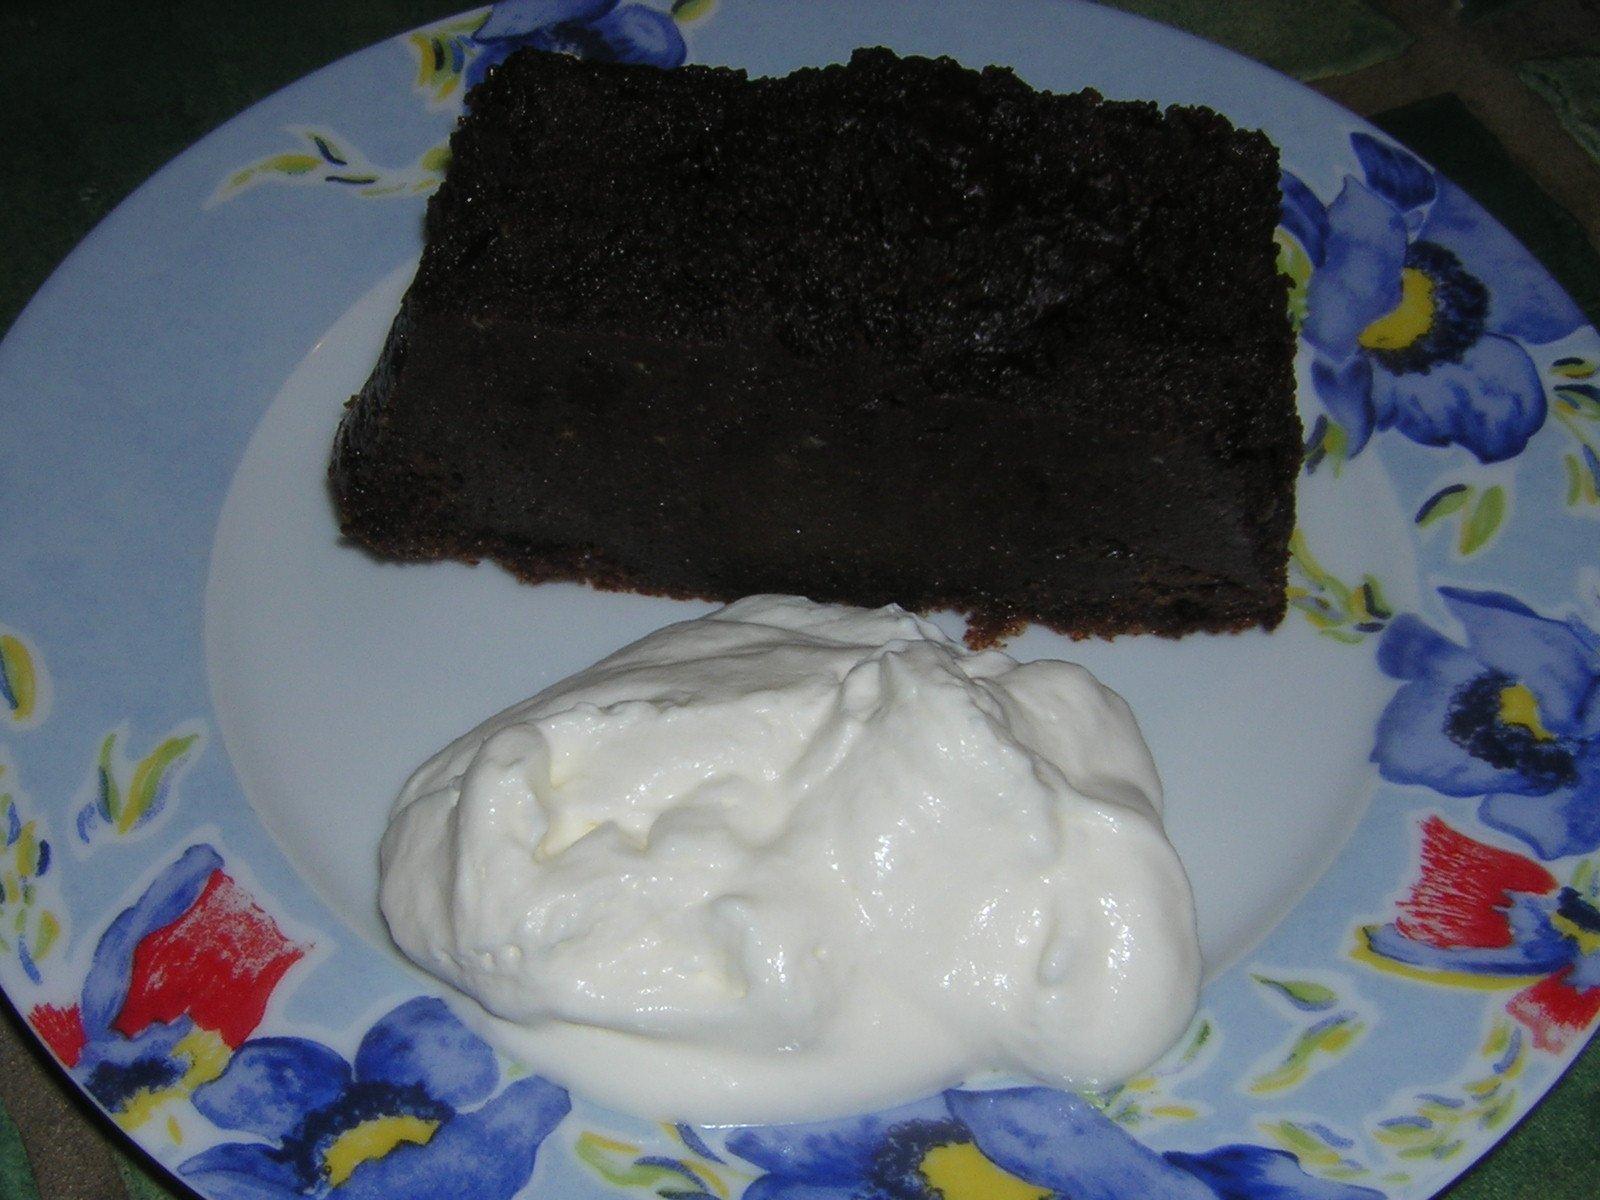 Pin pcs moules 3d decoration gateau biscuit cake cadeau for Decoration gateau noel